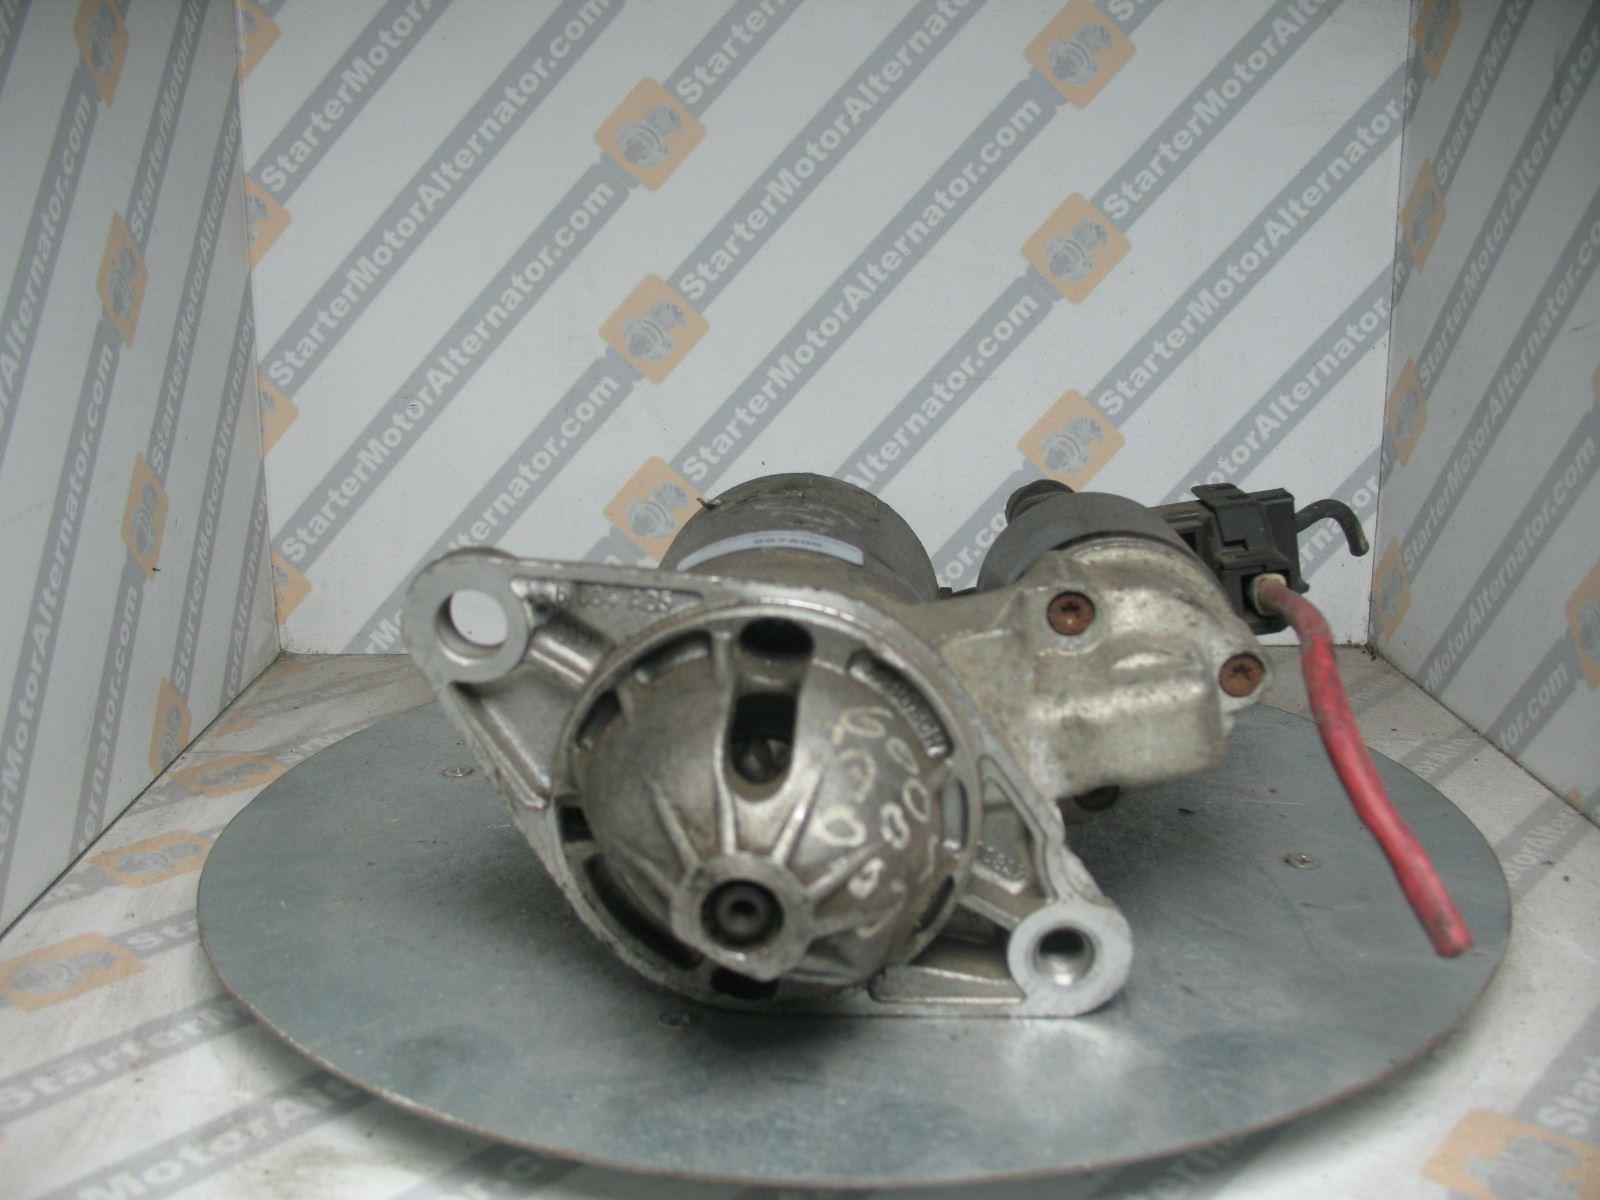 XIY1636 Starter Motor For Chrysler